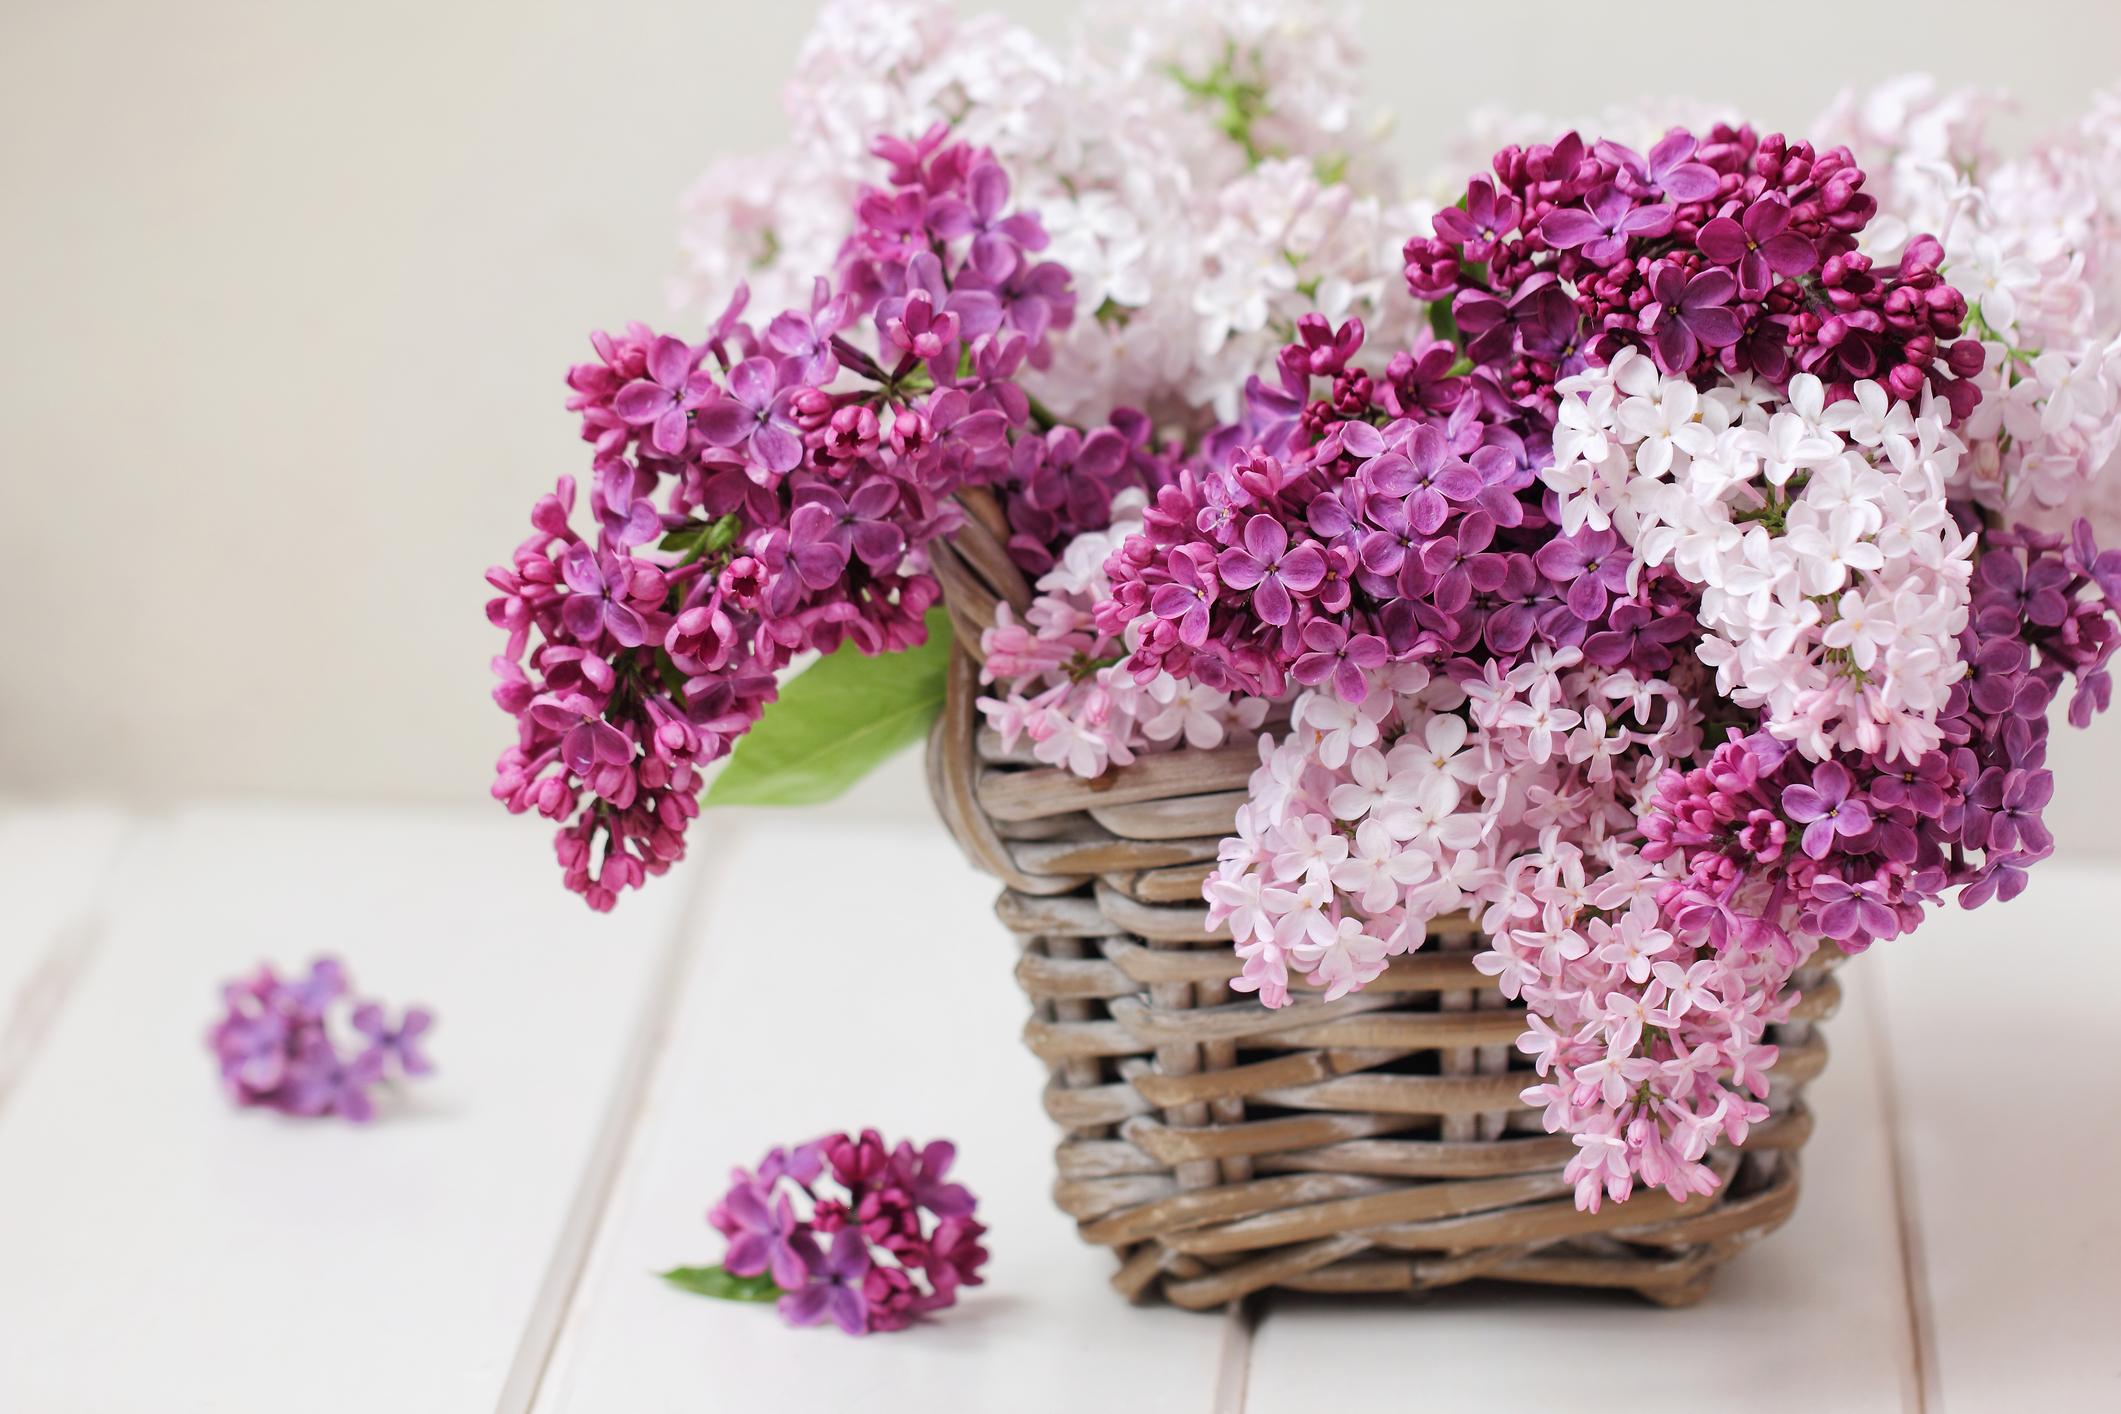 lilacbasket bouquet.jpg